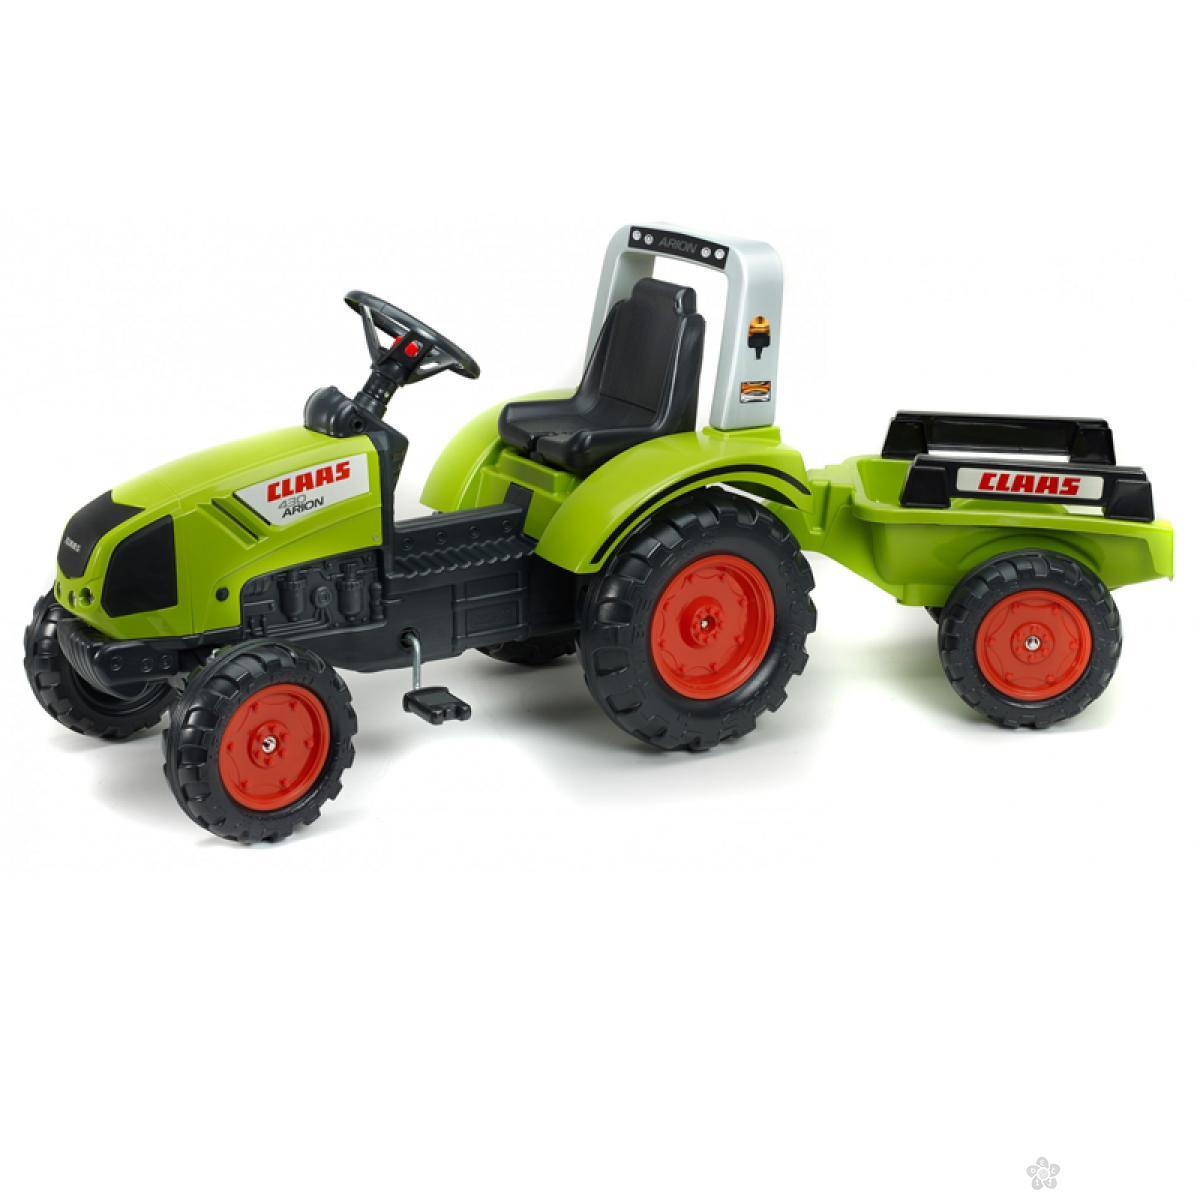 Guralica Falk Traktor Claas Arion sa prikolicom 1040am